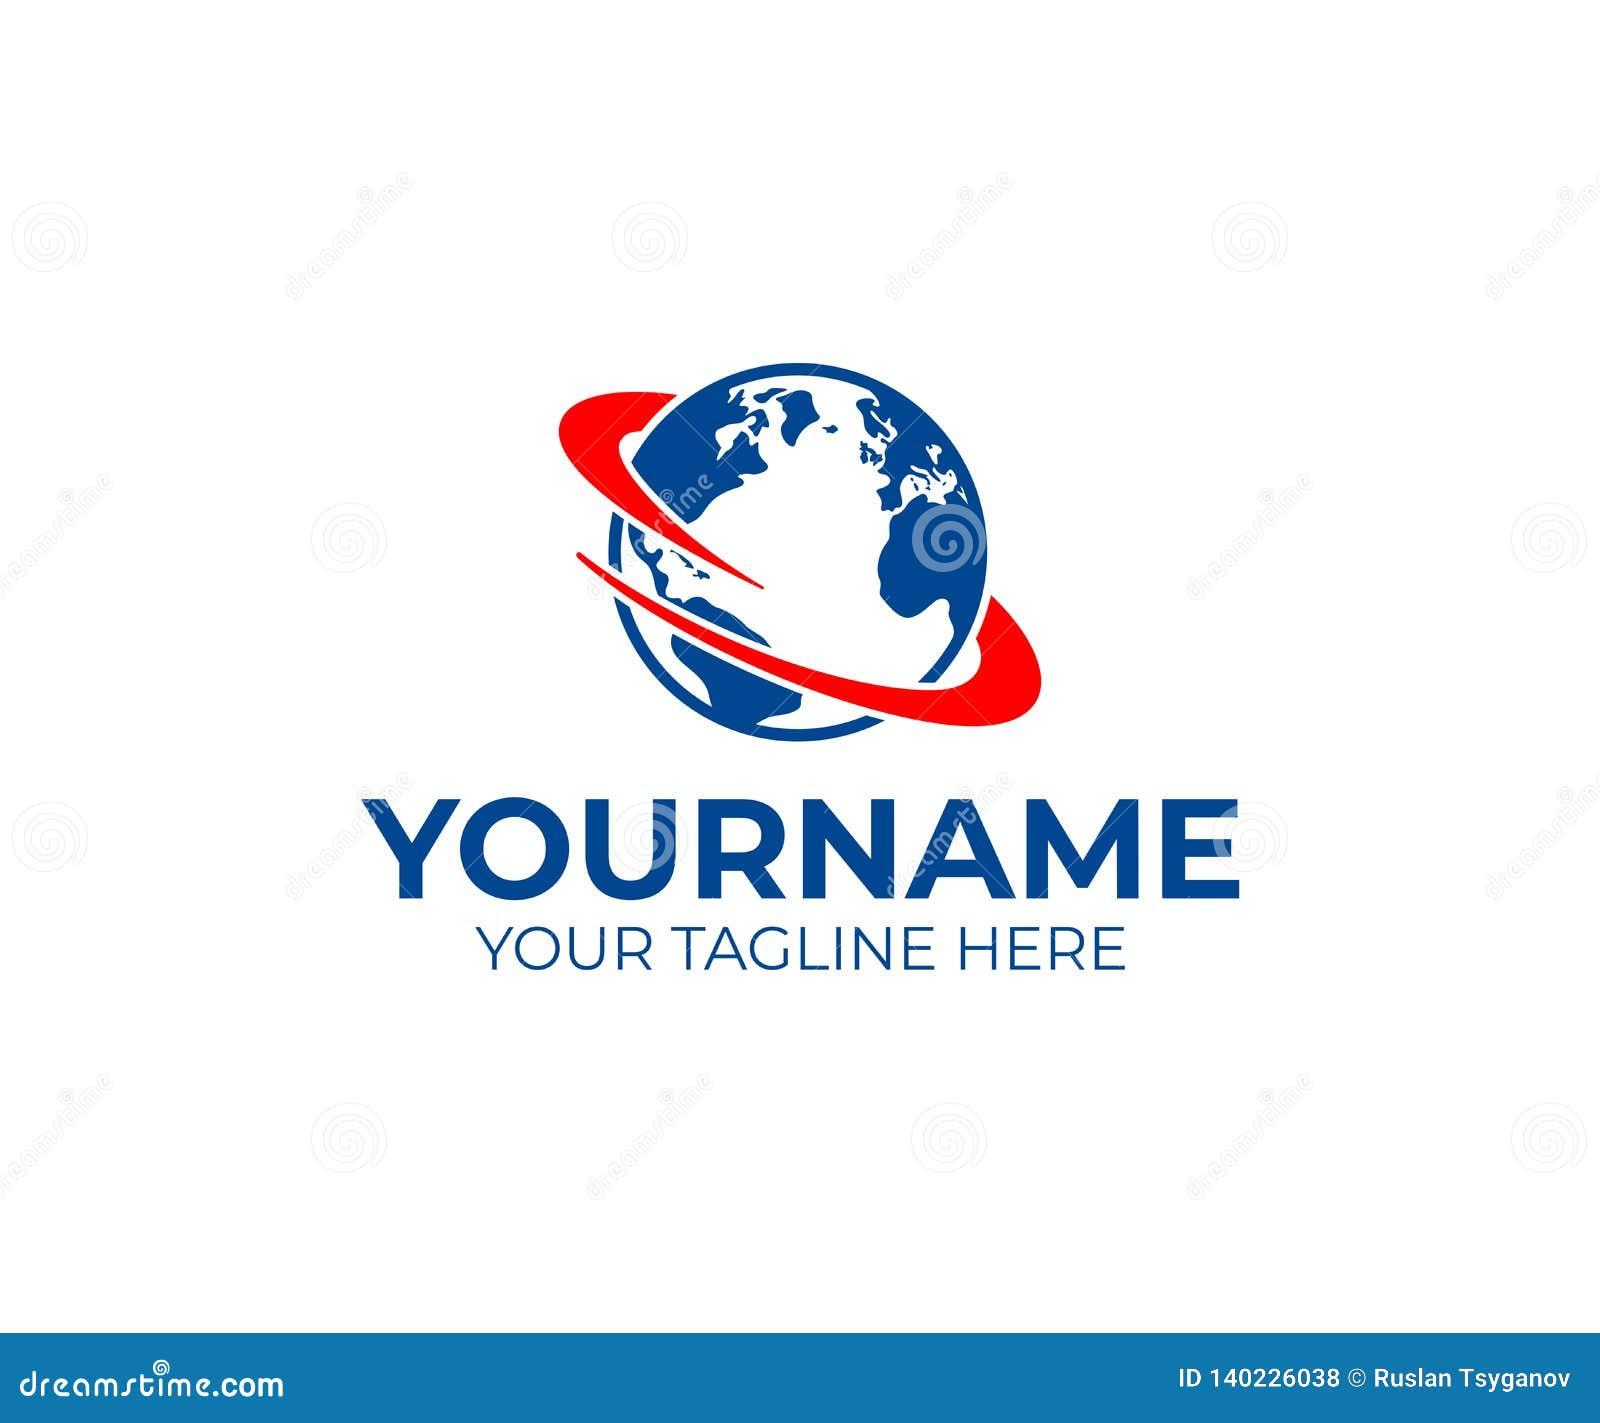 Logistische, Planetenerde mit Drehbeschleunigung oder Strudel um ihn, Logoentwurf Logistik, schnelle Lieferung von Waren und Frac